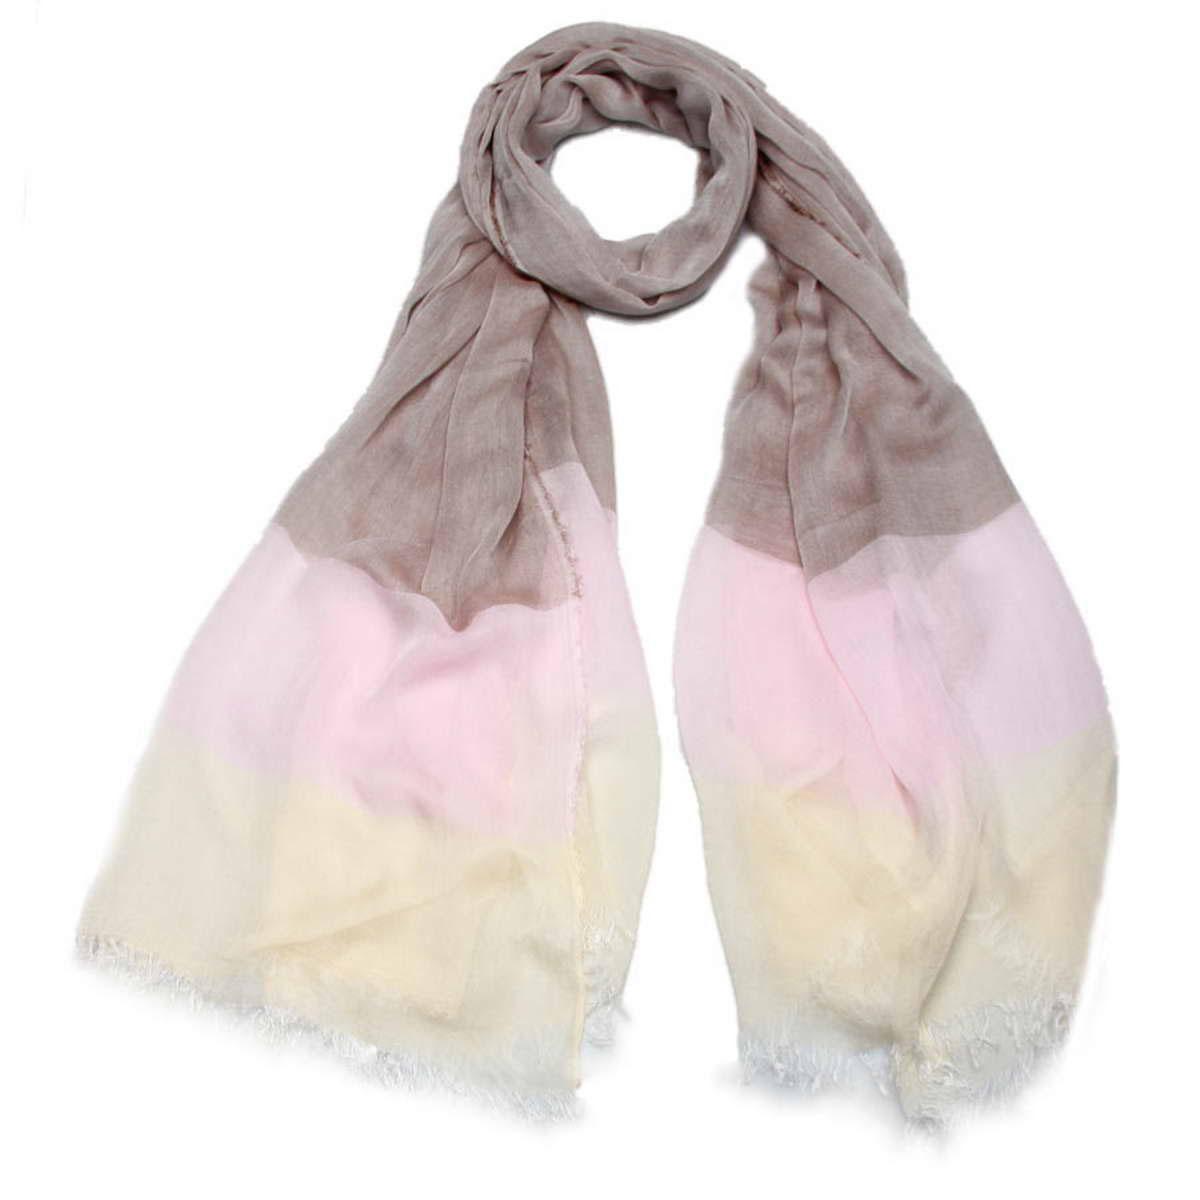 3415501-10Элегантный женский палантин Venera изготовлен из модала и шелка. Палантин имеет отличное качество и приятную текстуру материала, он подарит настоящий комфорт при носке, а большие размеры позволят согреться в прохладную погоду. Изделие оформлено гаммой нескольких цветов и небольшой бахромой по краям. Этот модный аксессуар женского гардероба гармонично дополнит образ современной женщины, следящей за своим имиджем и стремящейся всегда оставаться стильной и элегантной. В этом палантине вы всегда будете выглядеть женственной и привлекательной.